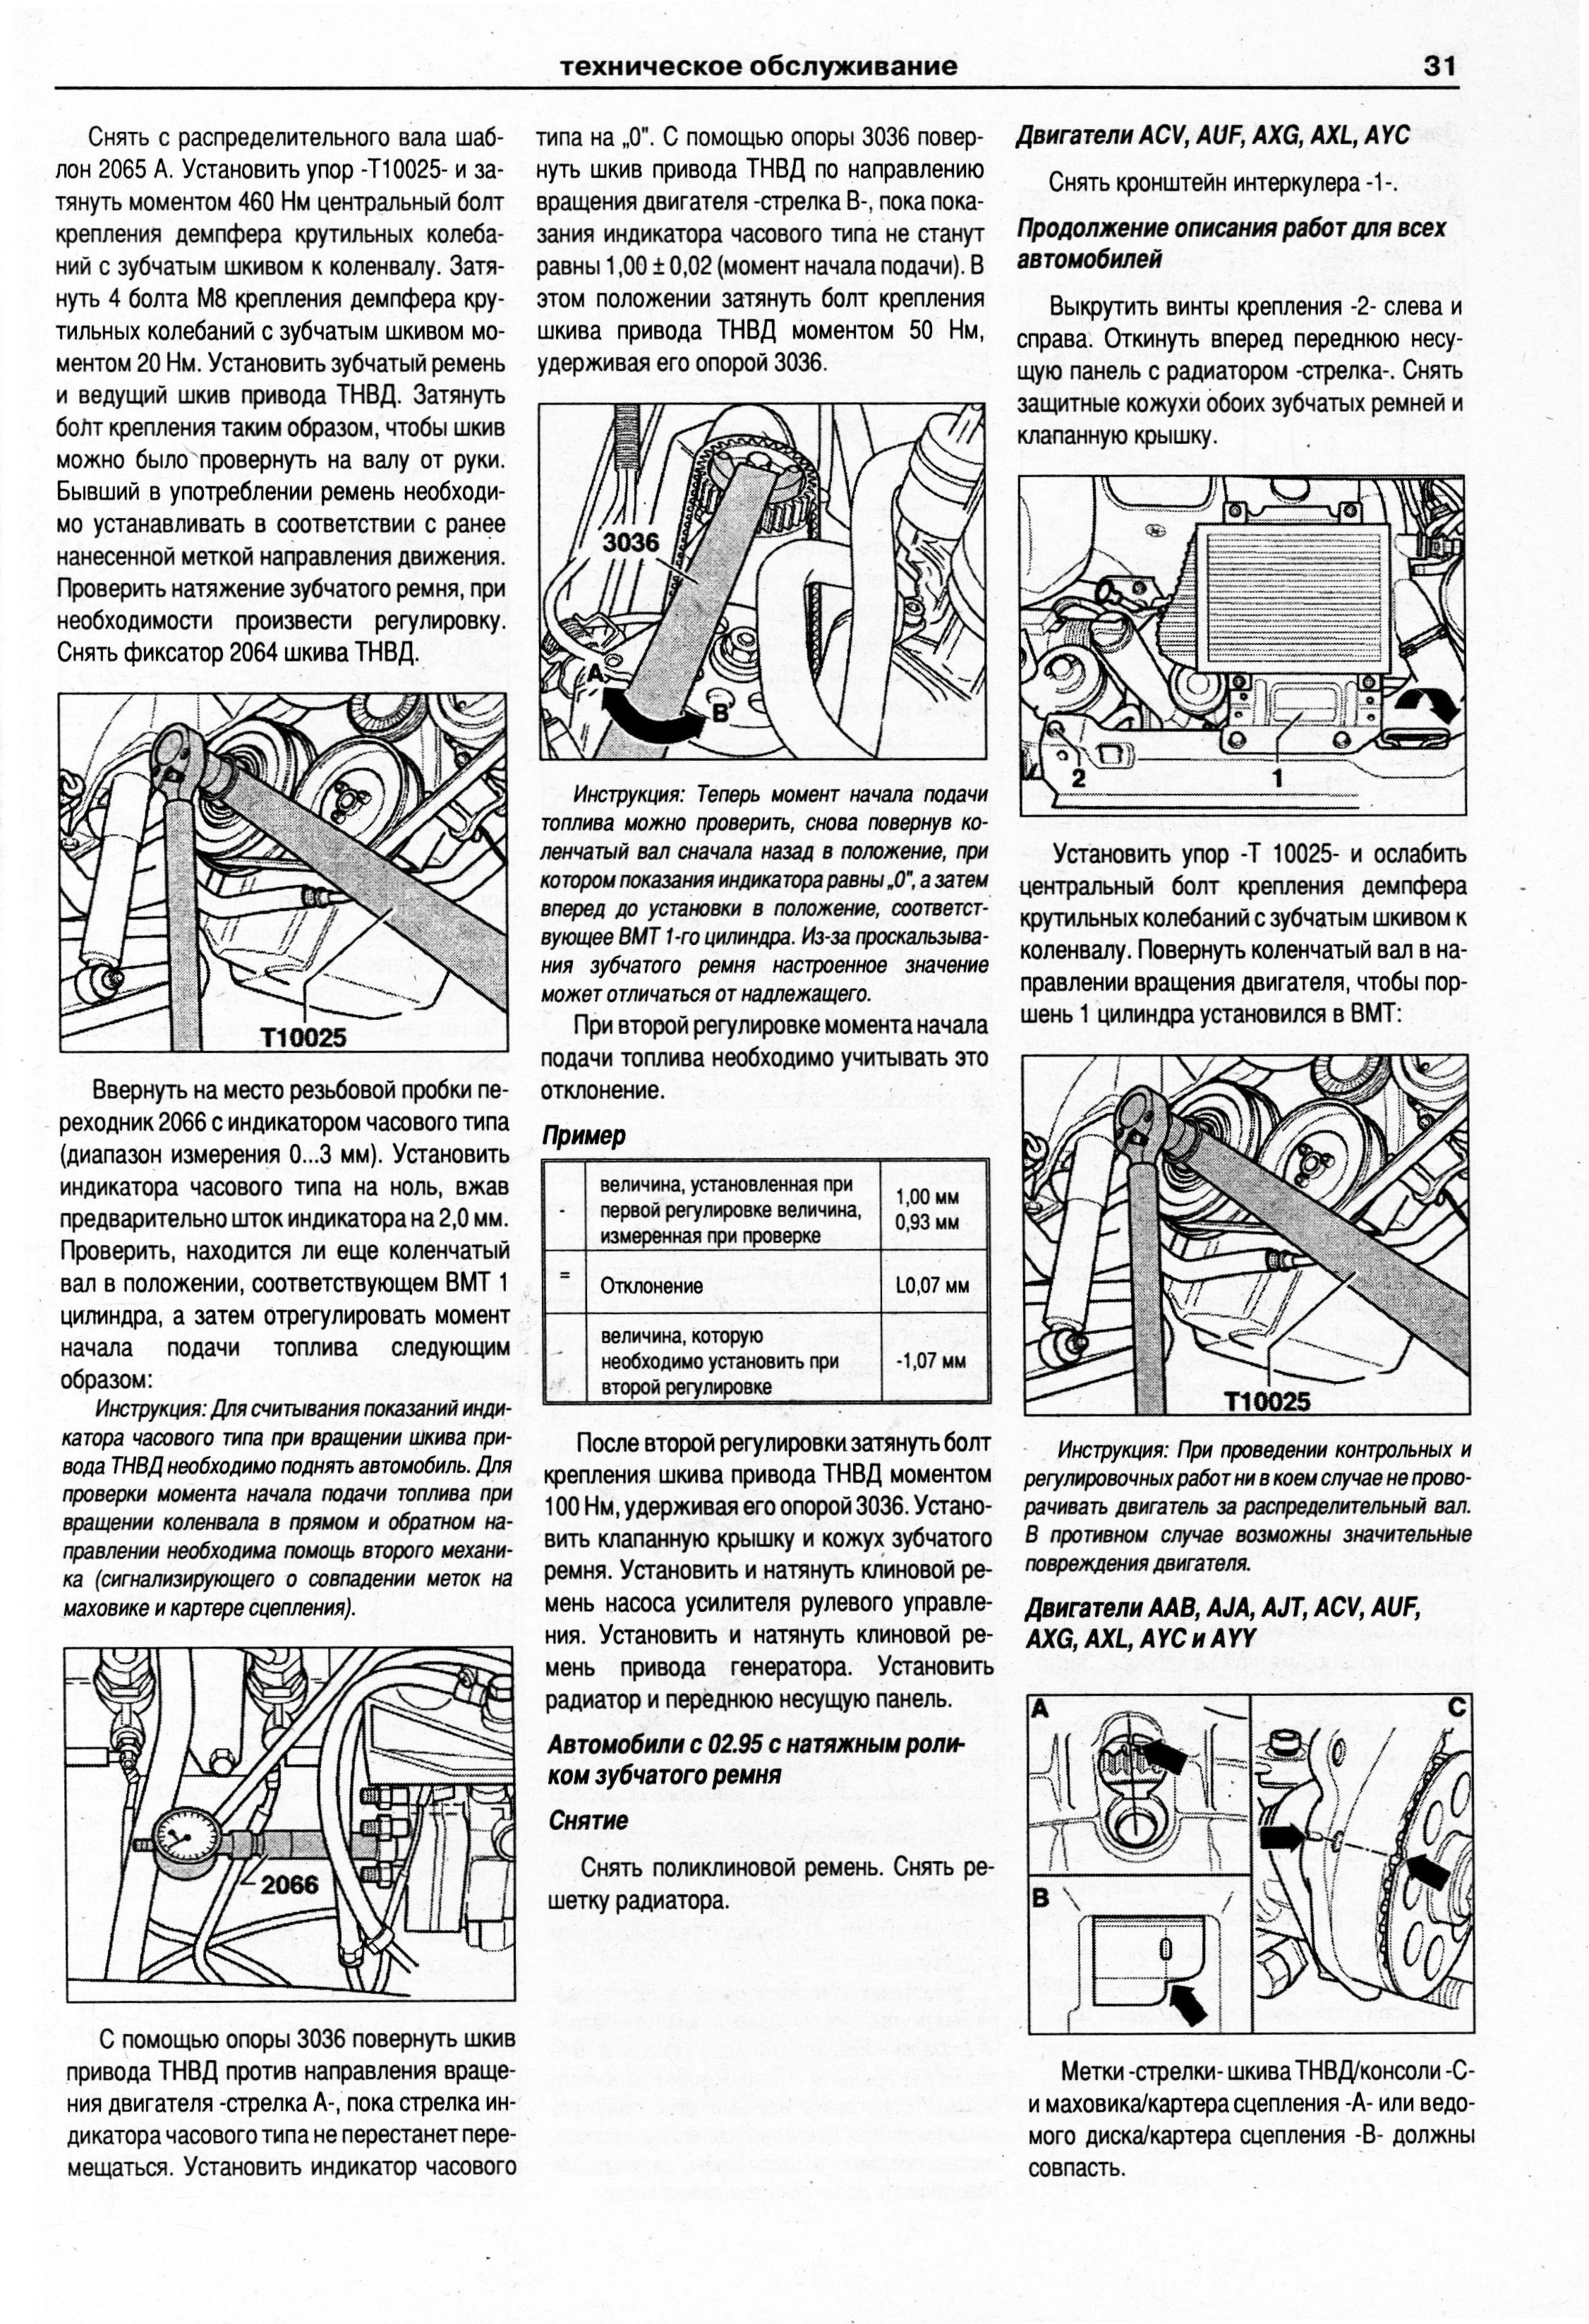 Volkswagen Transporter T4 Инструкция По Ремонту